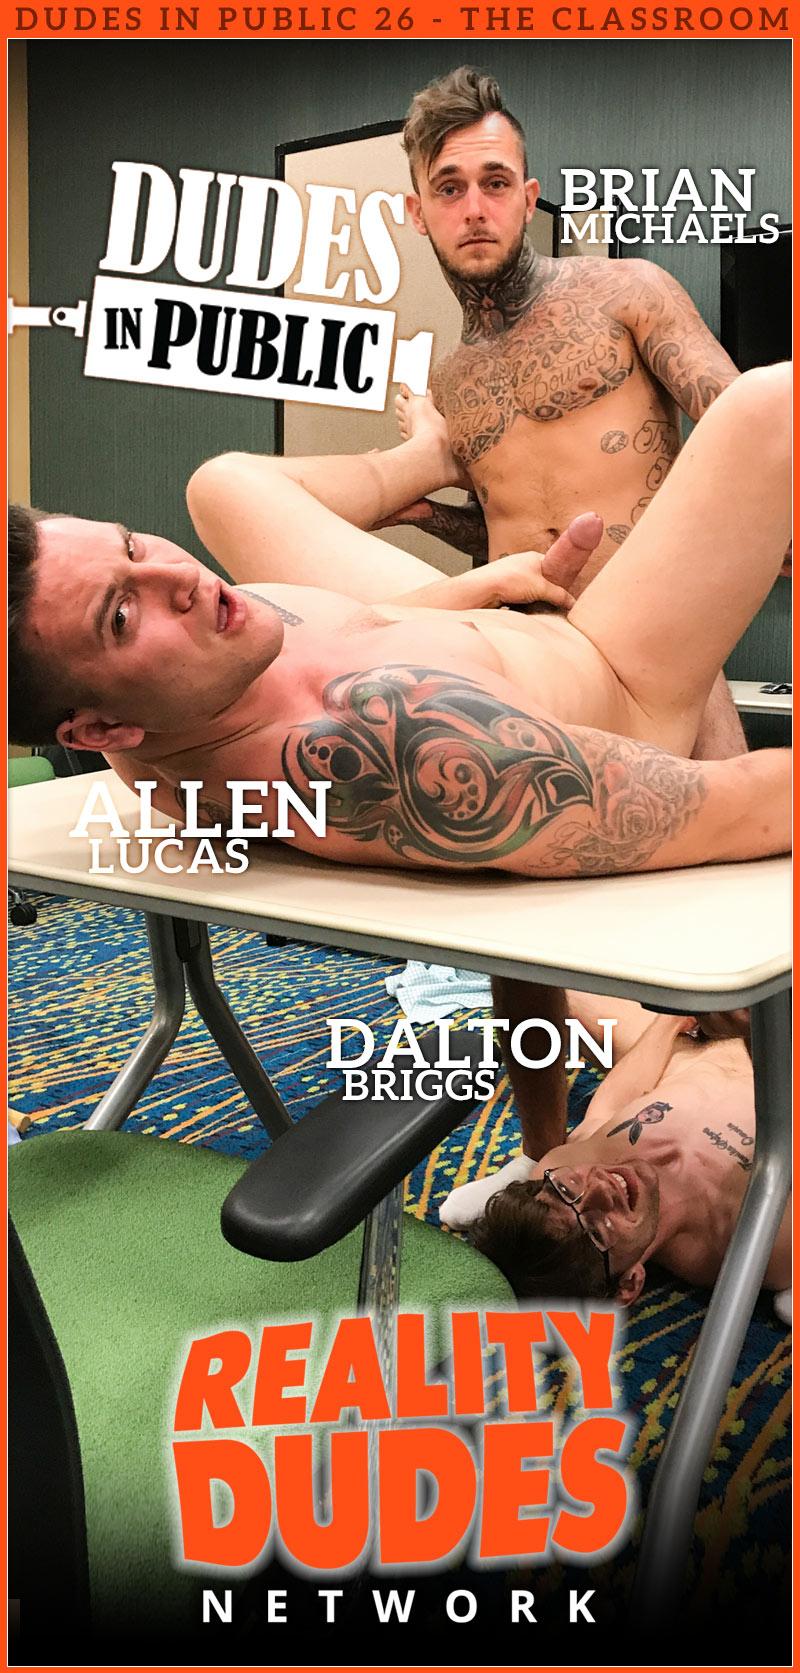 Dudes In Public: Scene 26, The Classroom (Allen Lucas, Brian Michaels and Dalton Briggs)